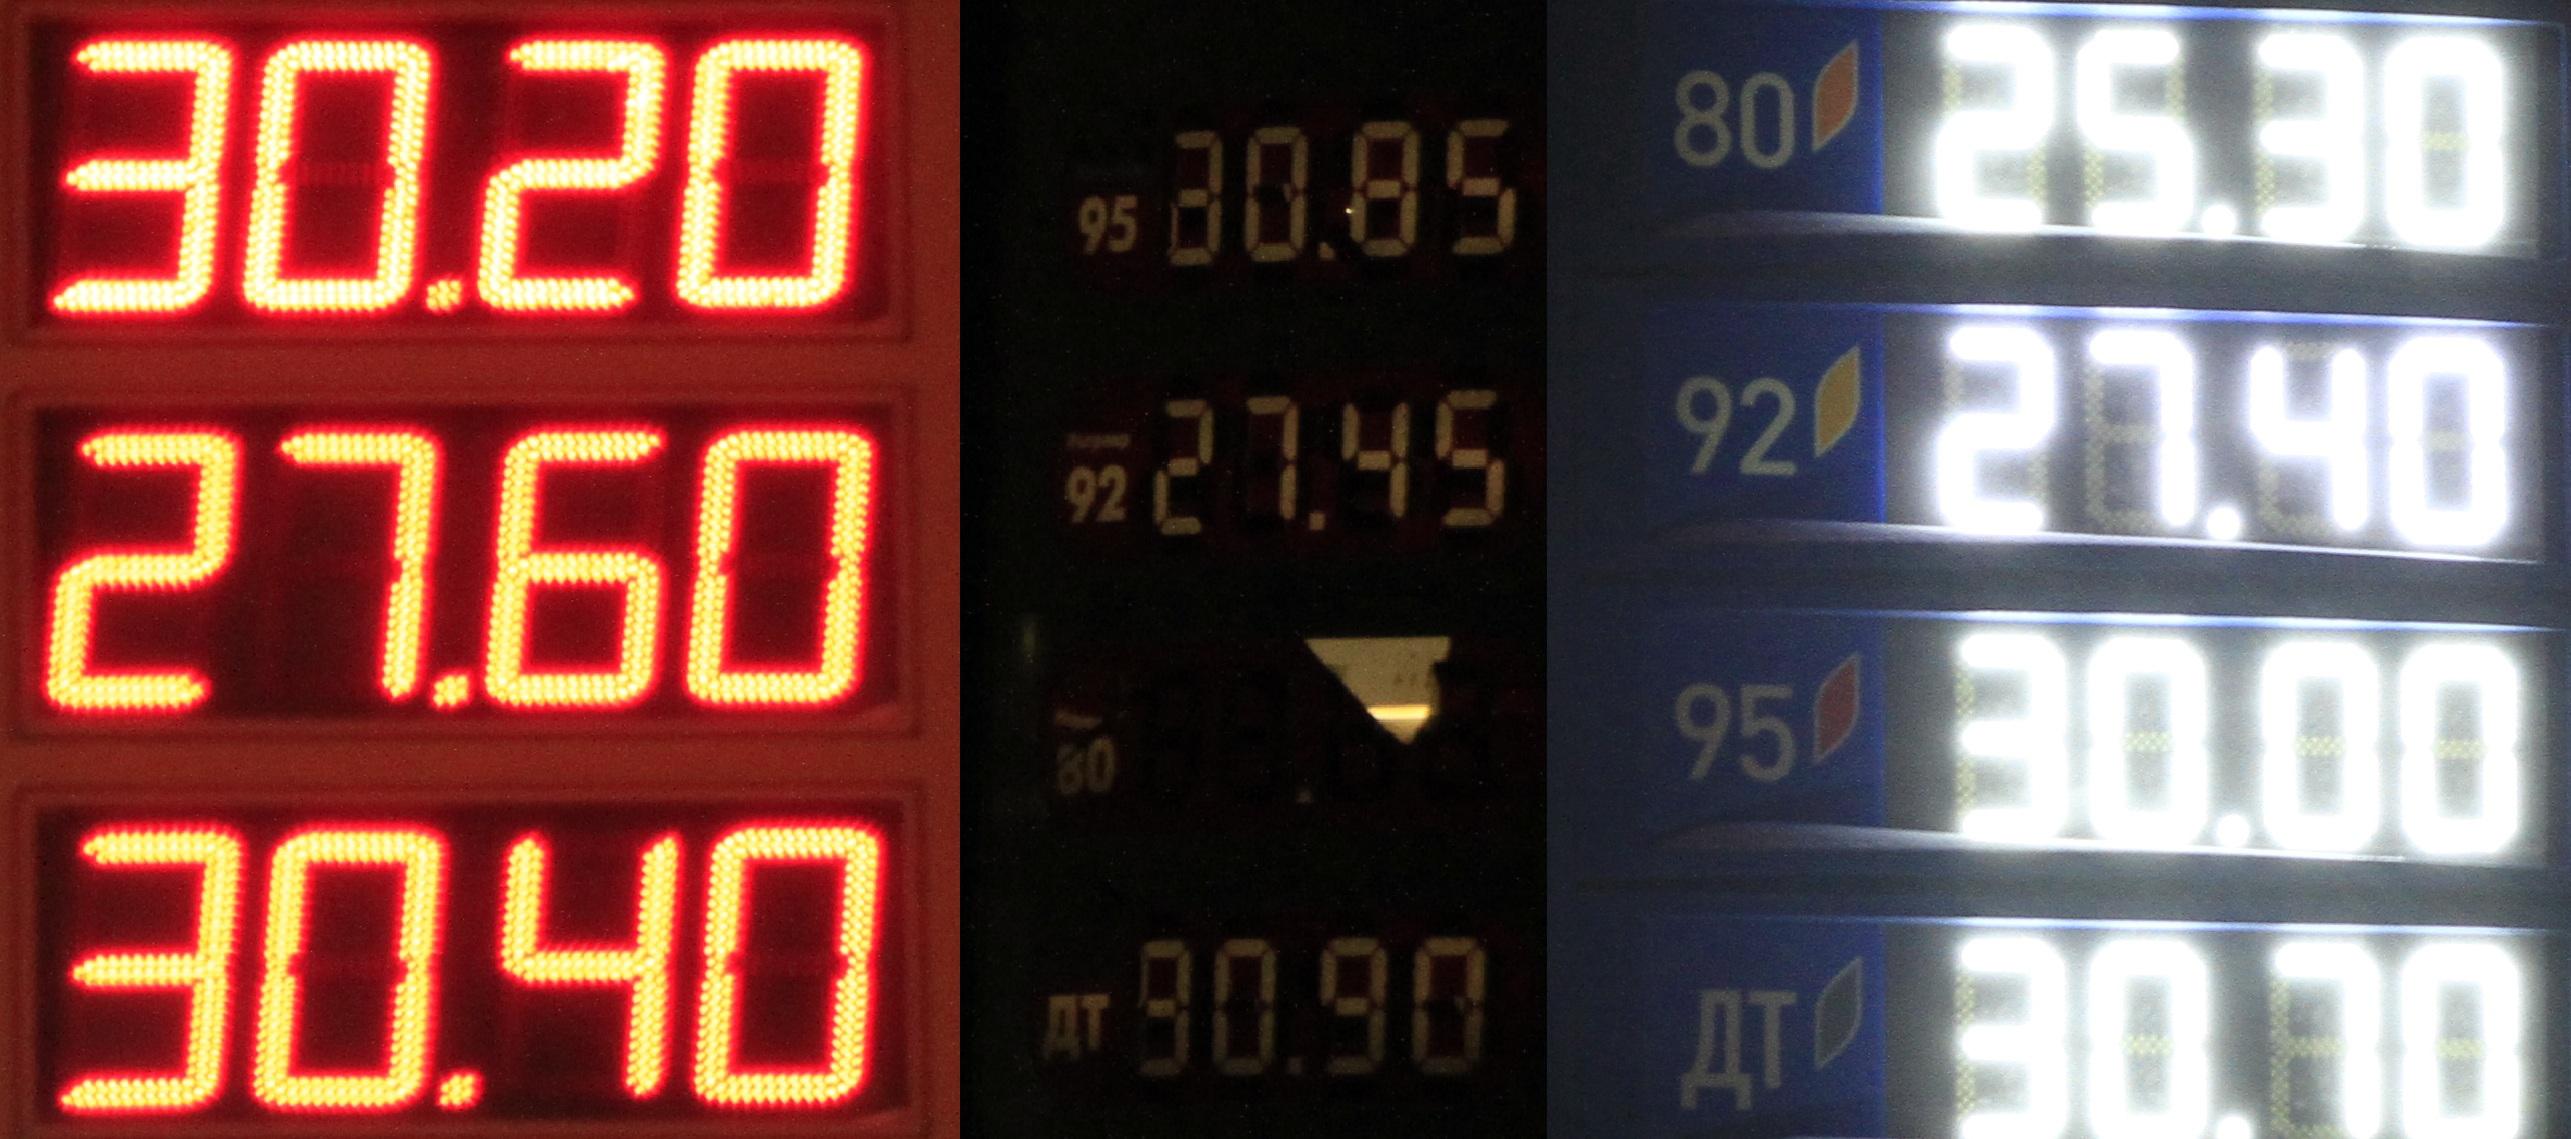 Мониторинг 66.ru: за осень солярка подорожала на 8%, бензин — на 3,5%